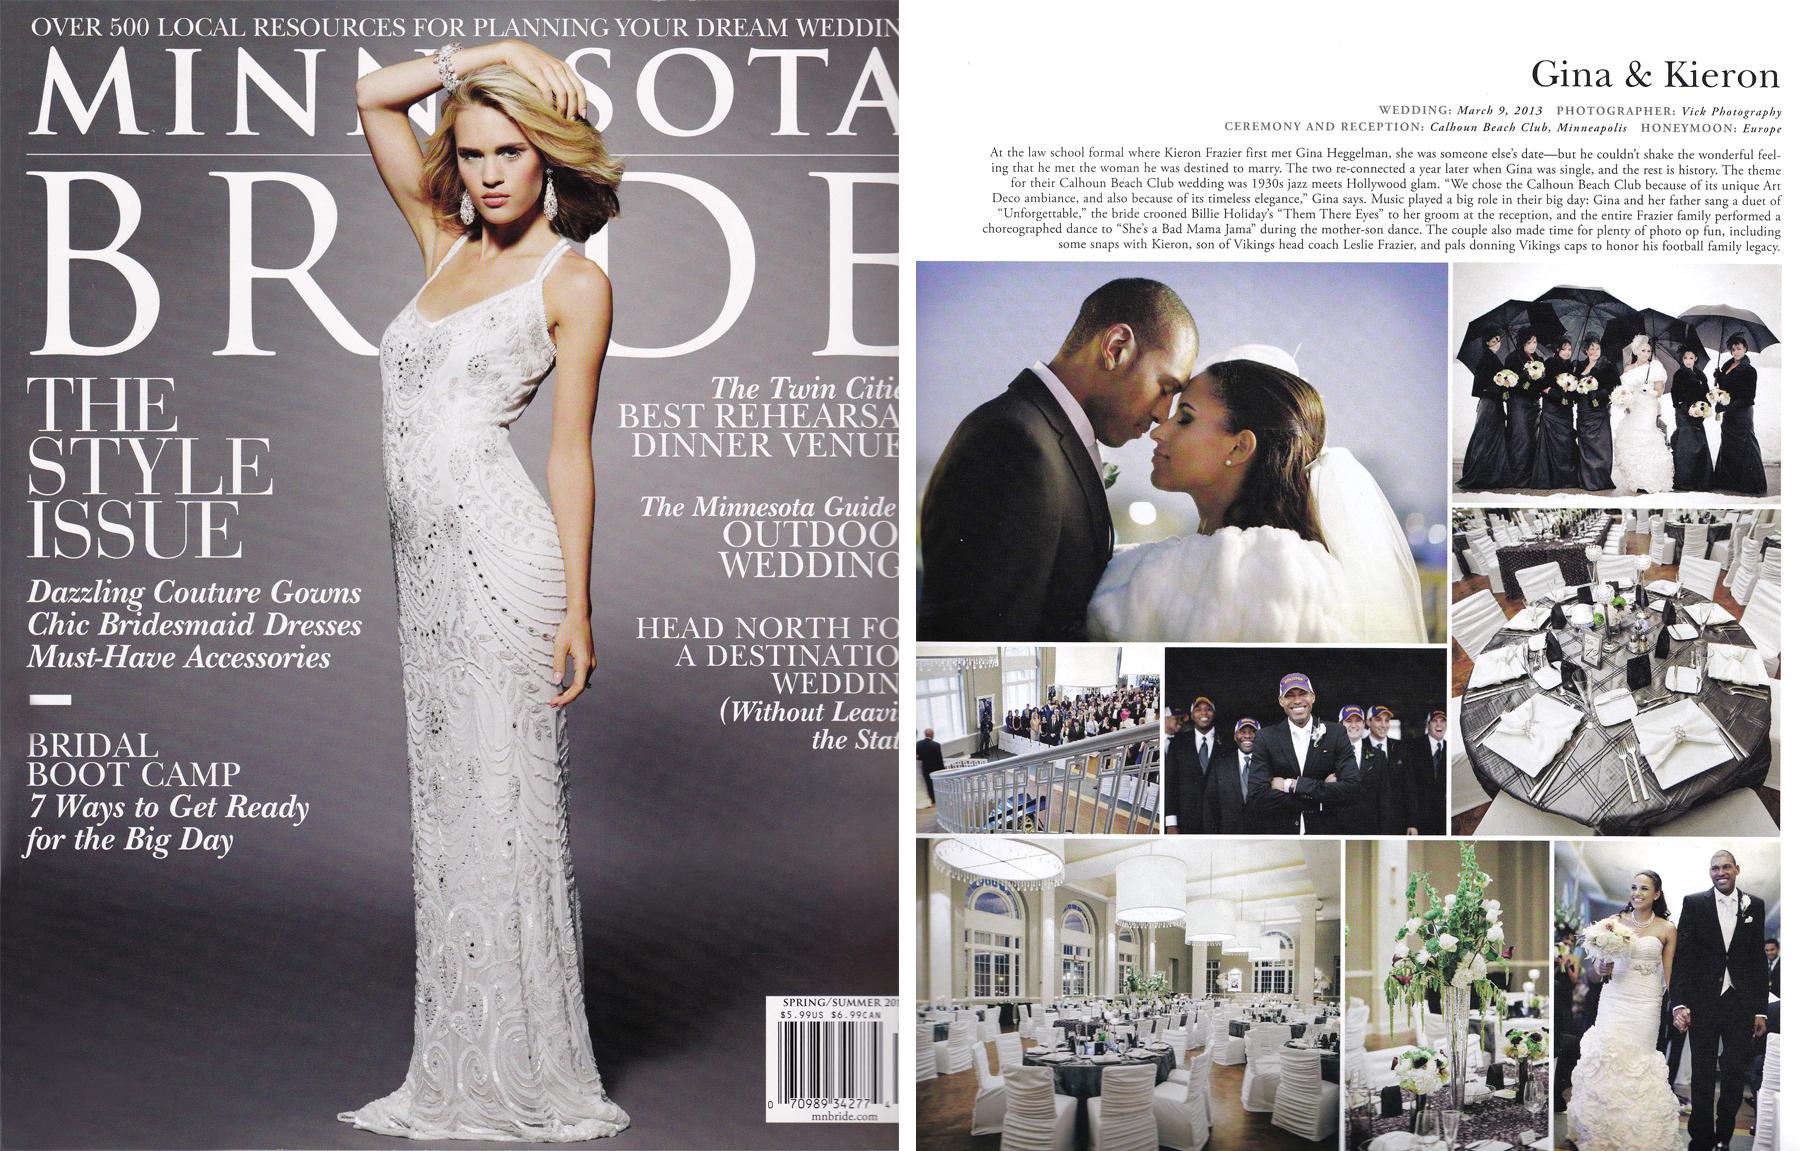 2014 MN BRIDE MAGAZINE - SPRING / SUMMER